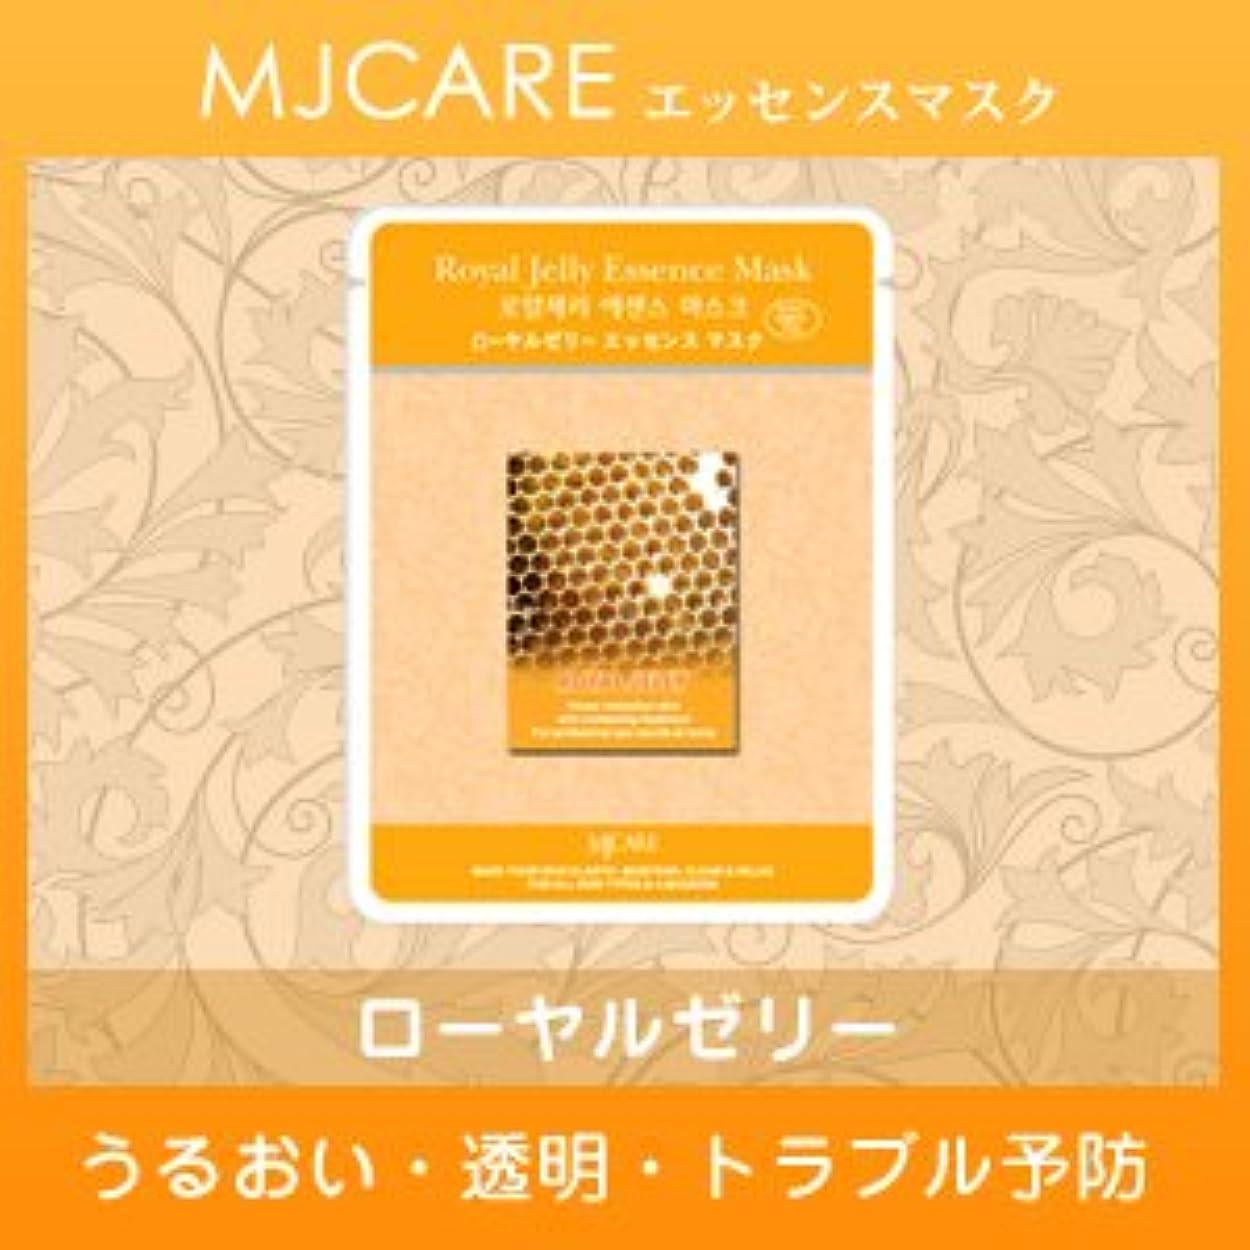 大量金額あるMJCARE (エムジェイケア) ローヤルゼリー エッセンスマスク